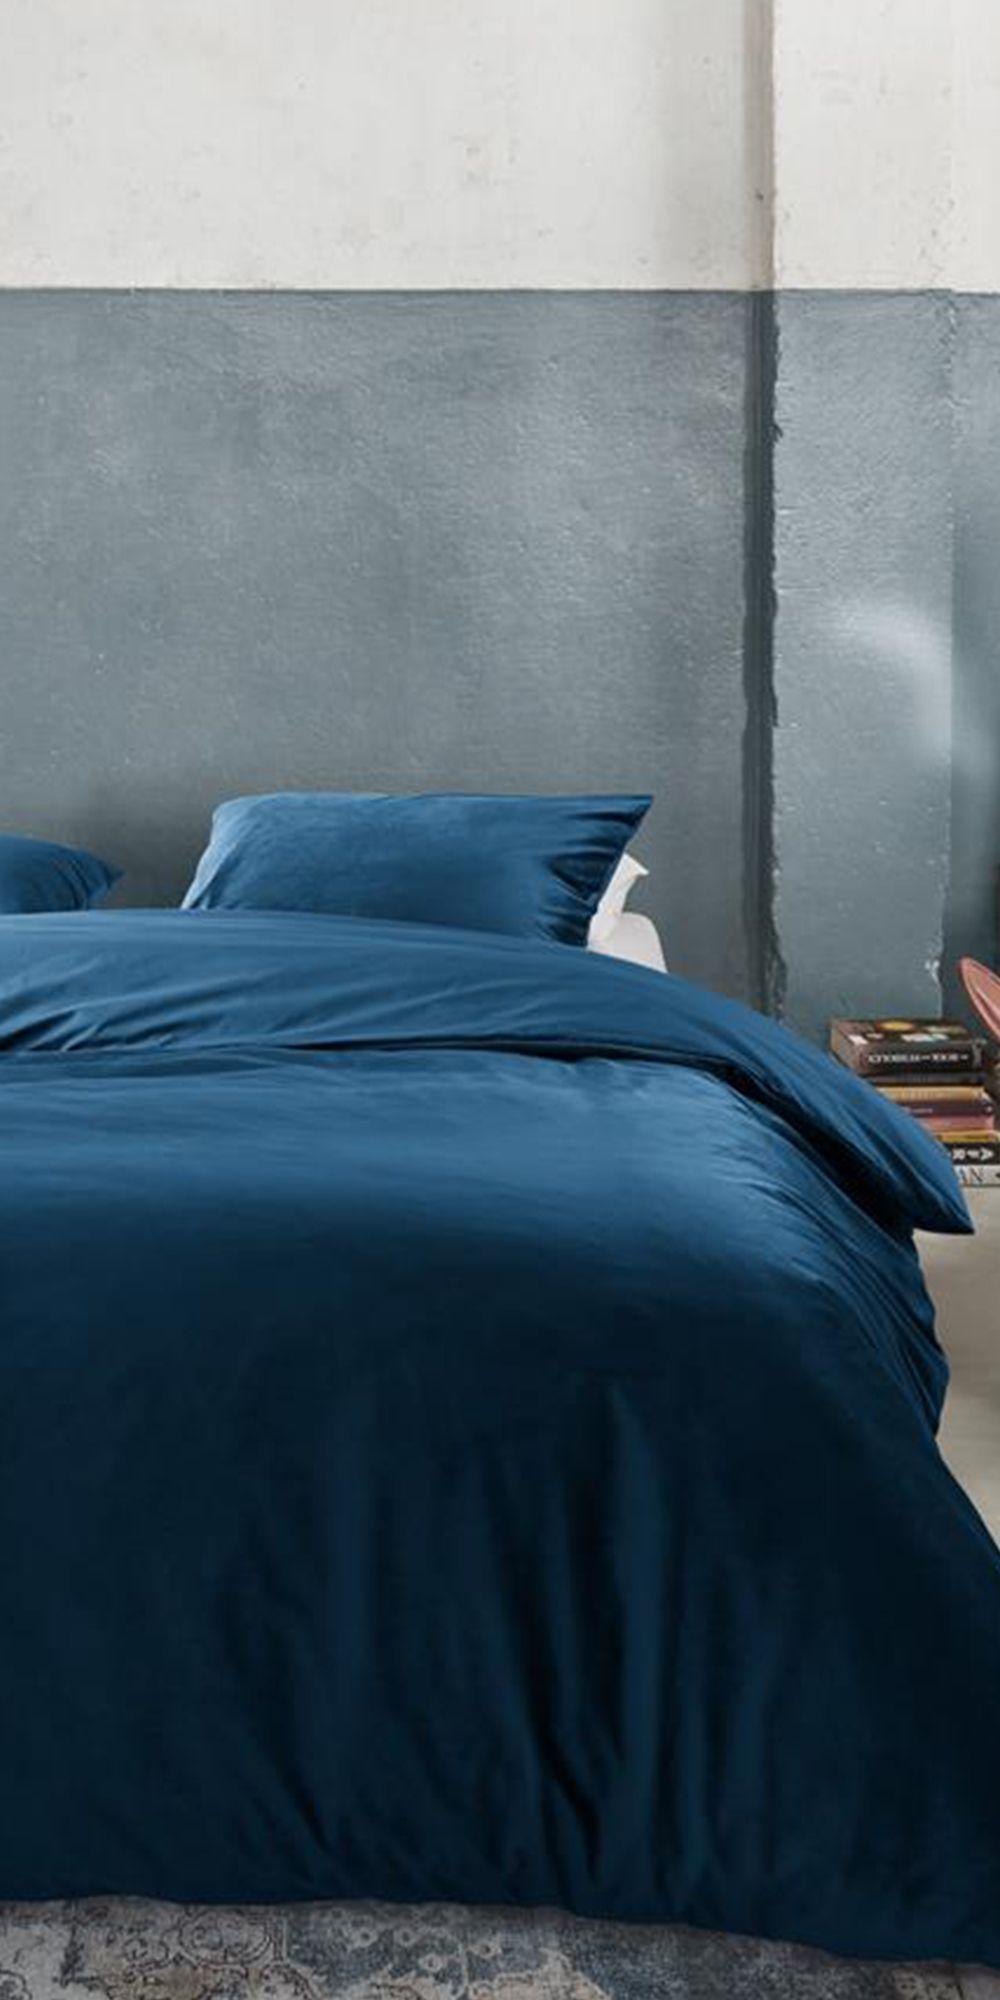 Cre er een rustgevende chique sfeer in de slaapkamer met het dekbedovertrek Tender van At Home